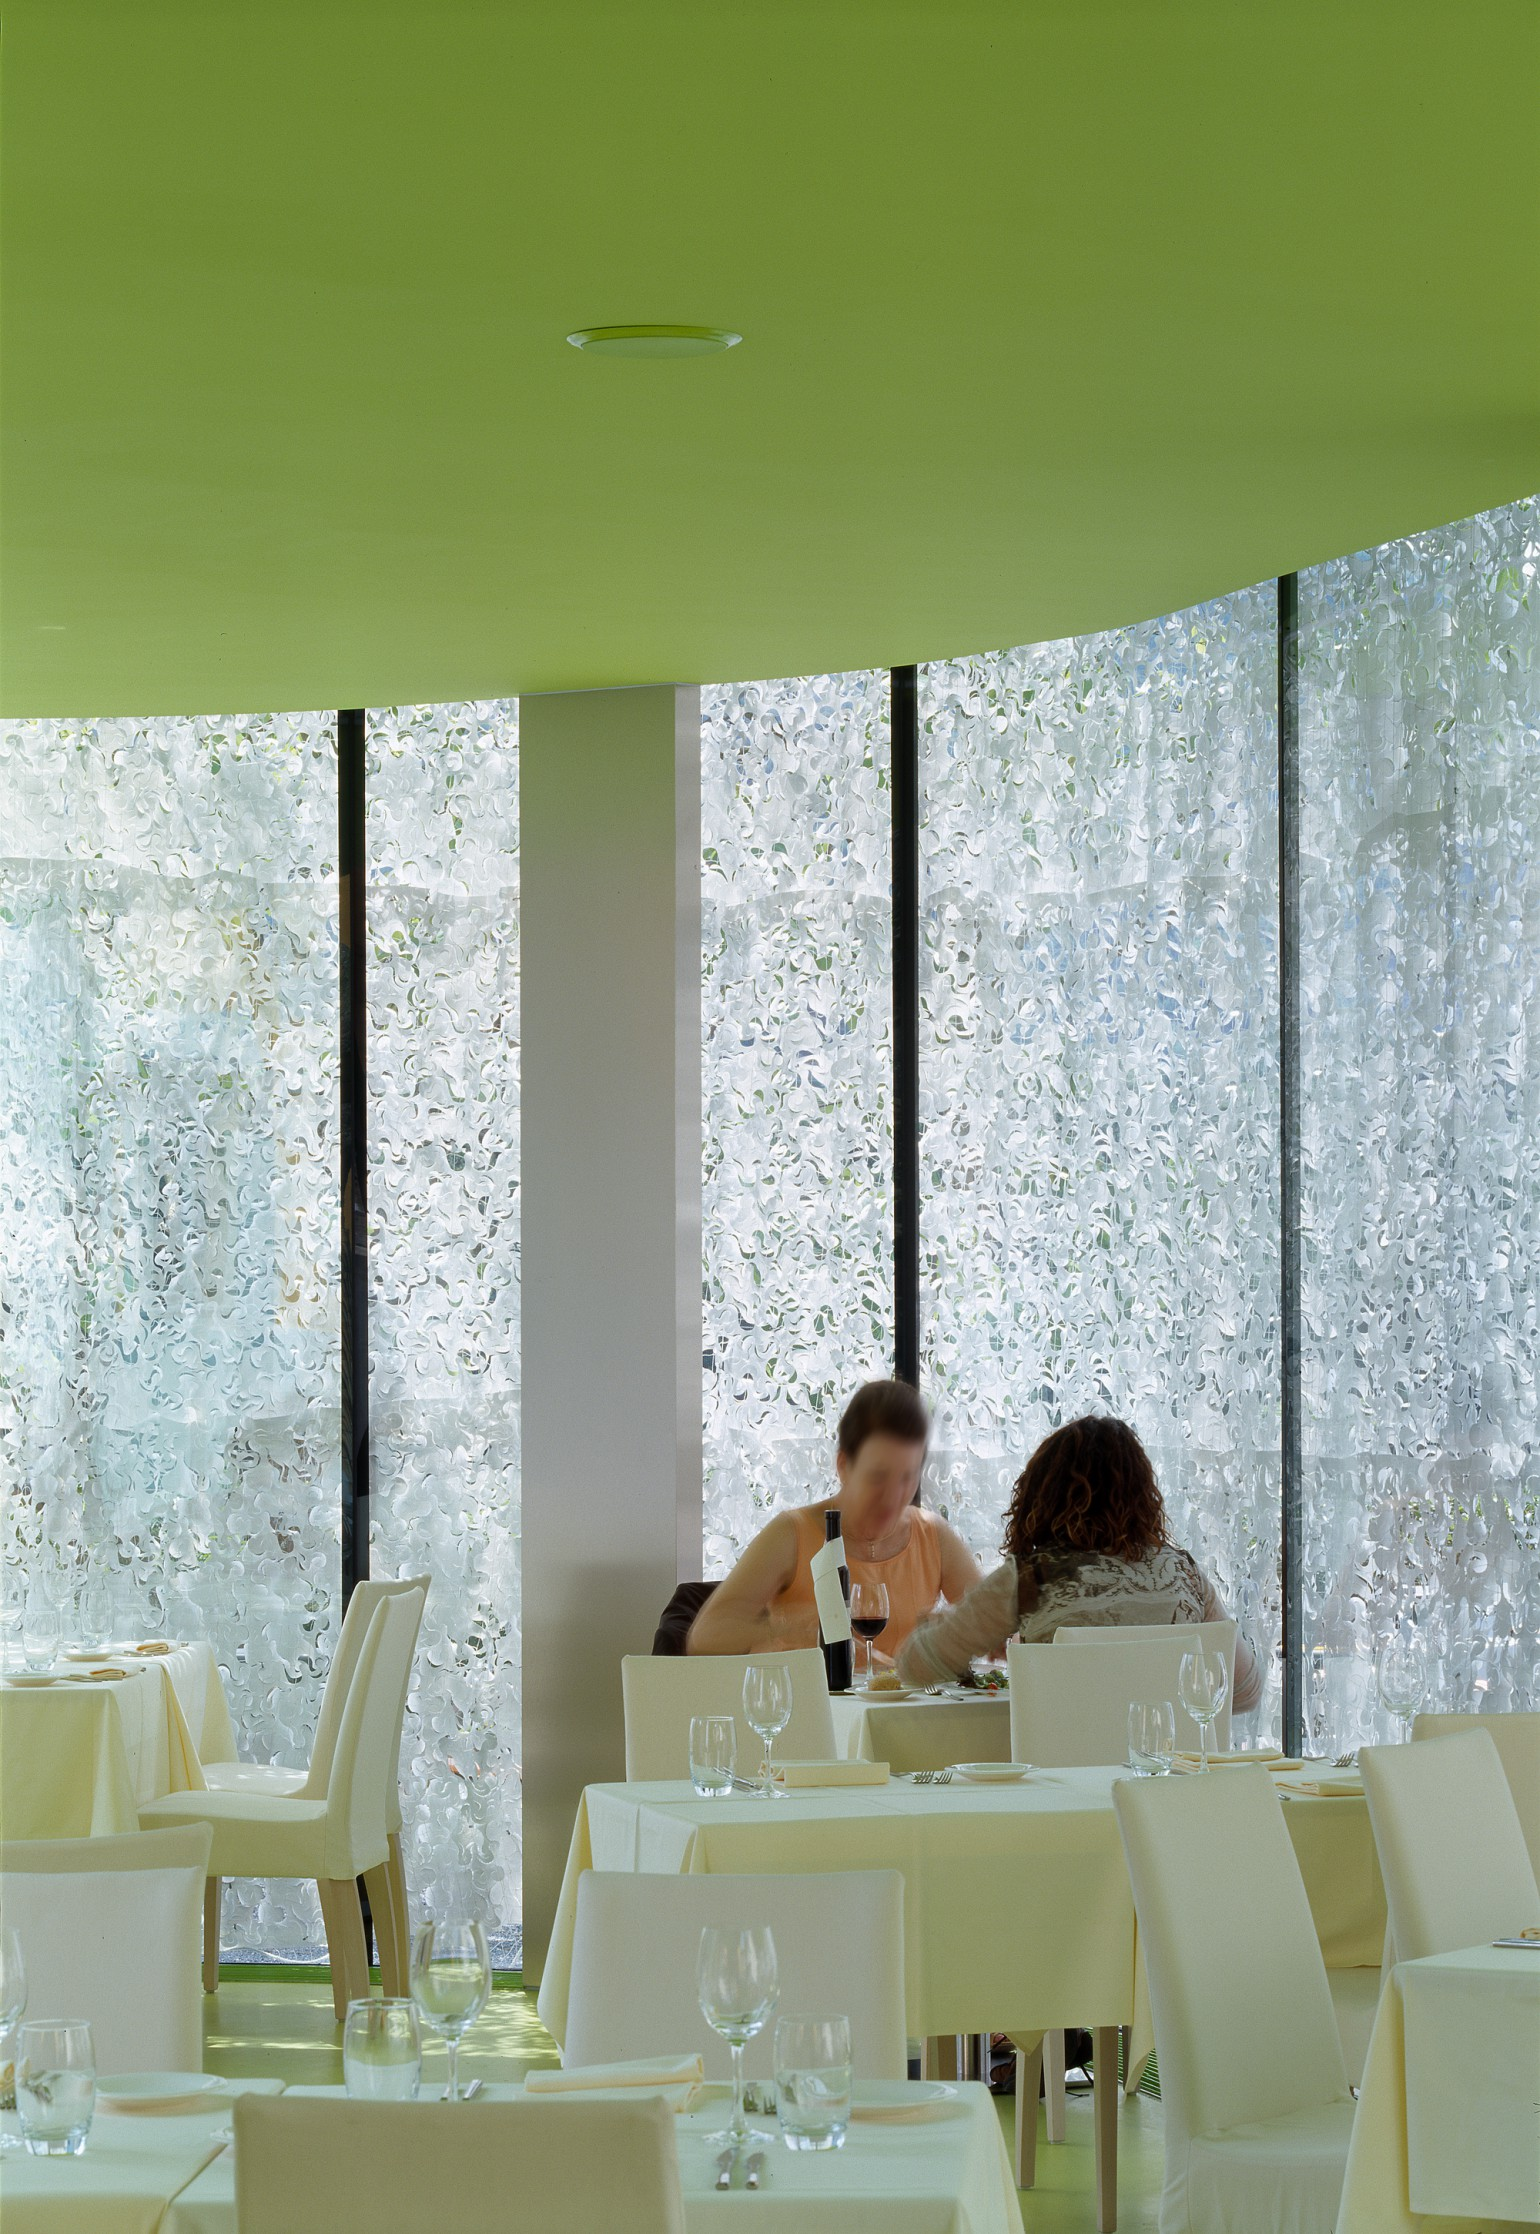 hotel-de-la-poste-sierre-meyer-architecture-sion-06